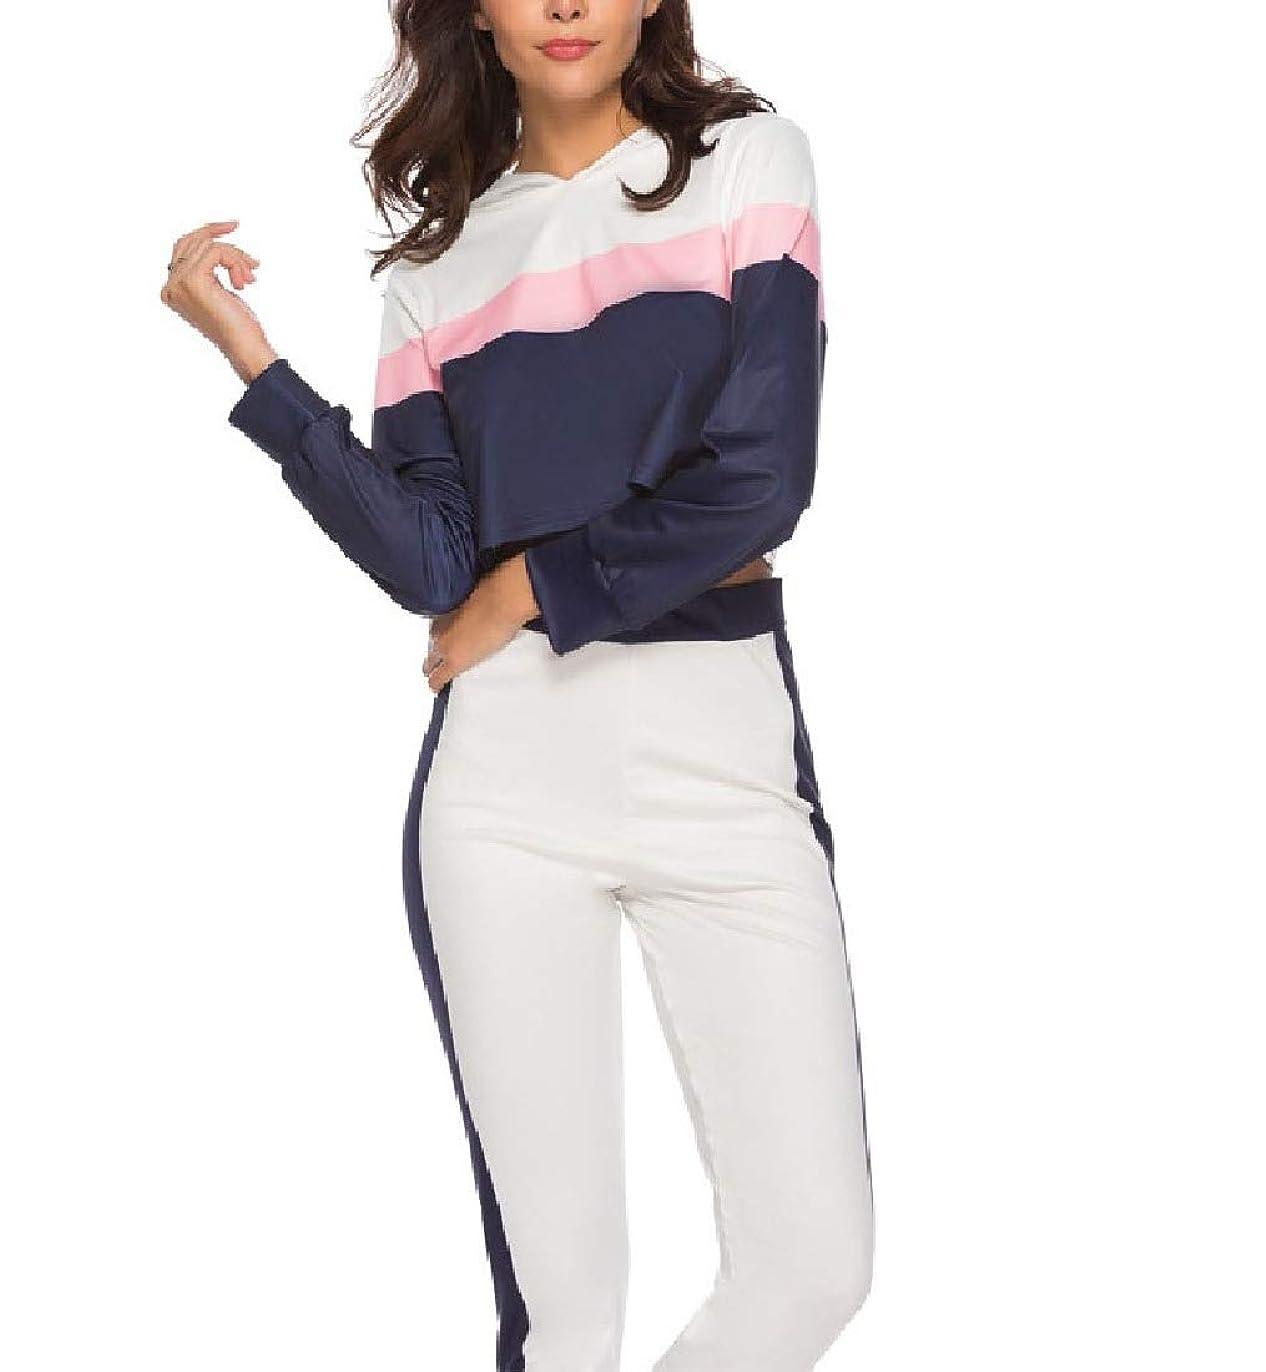 グリルデータベースポップ女性フード付き2つの部分ストレッチスポーツジャンプスーツ服